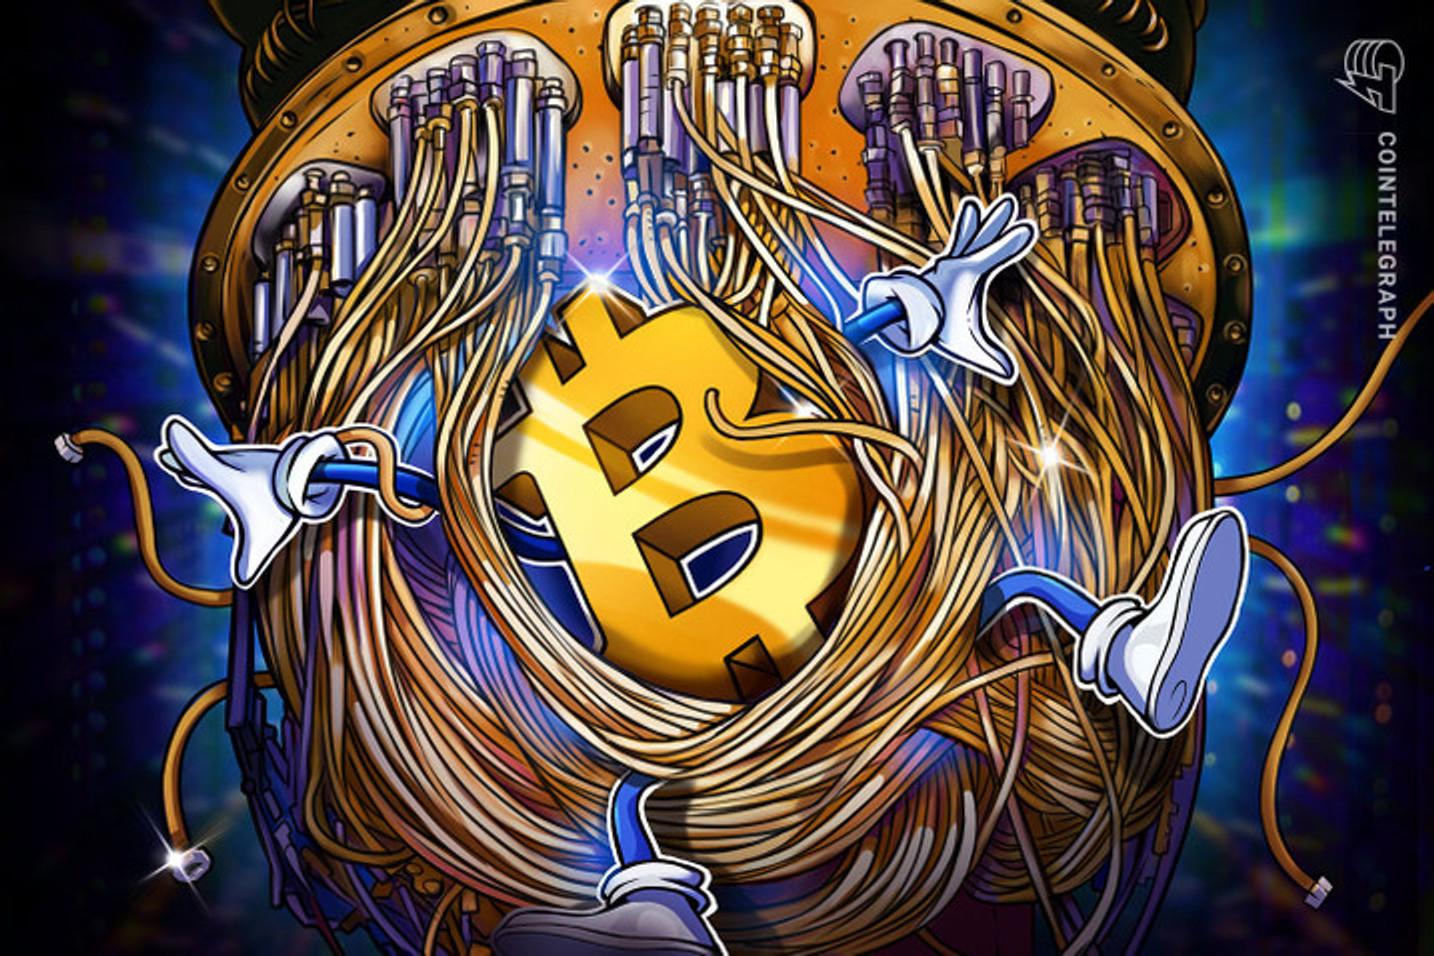 Alta recente no Bitcoin não aliviou o impulso de queda e o pior ainda está por vir, dizem analistas